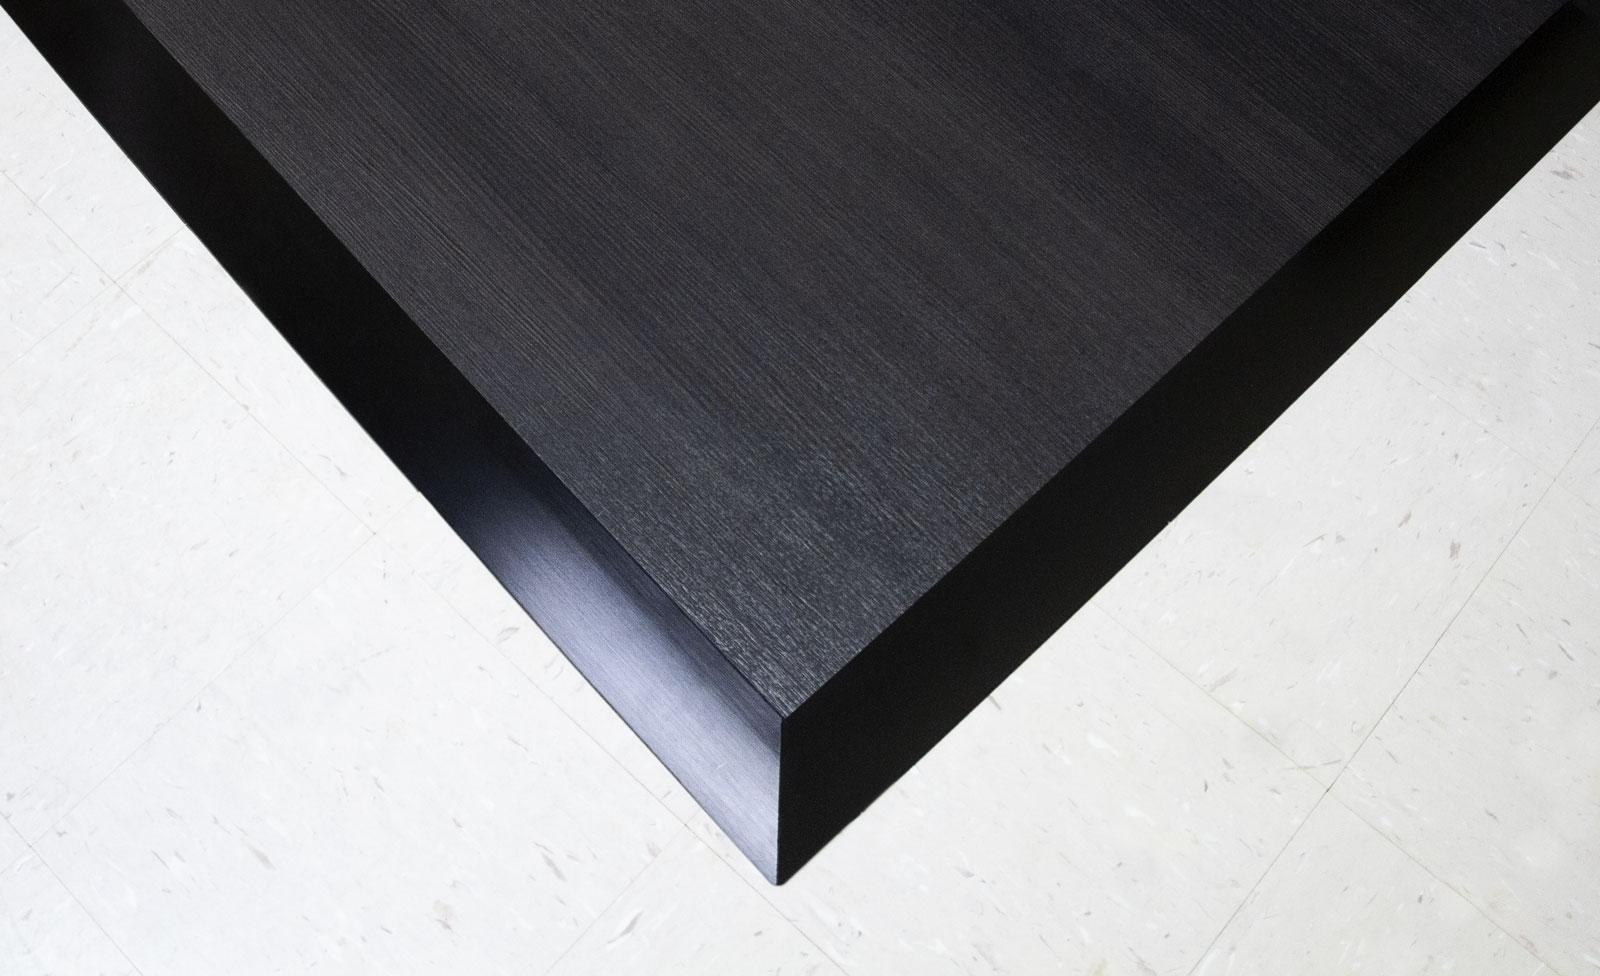 Ebony dance floor with Black Aluminum edging on top of tile floor.